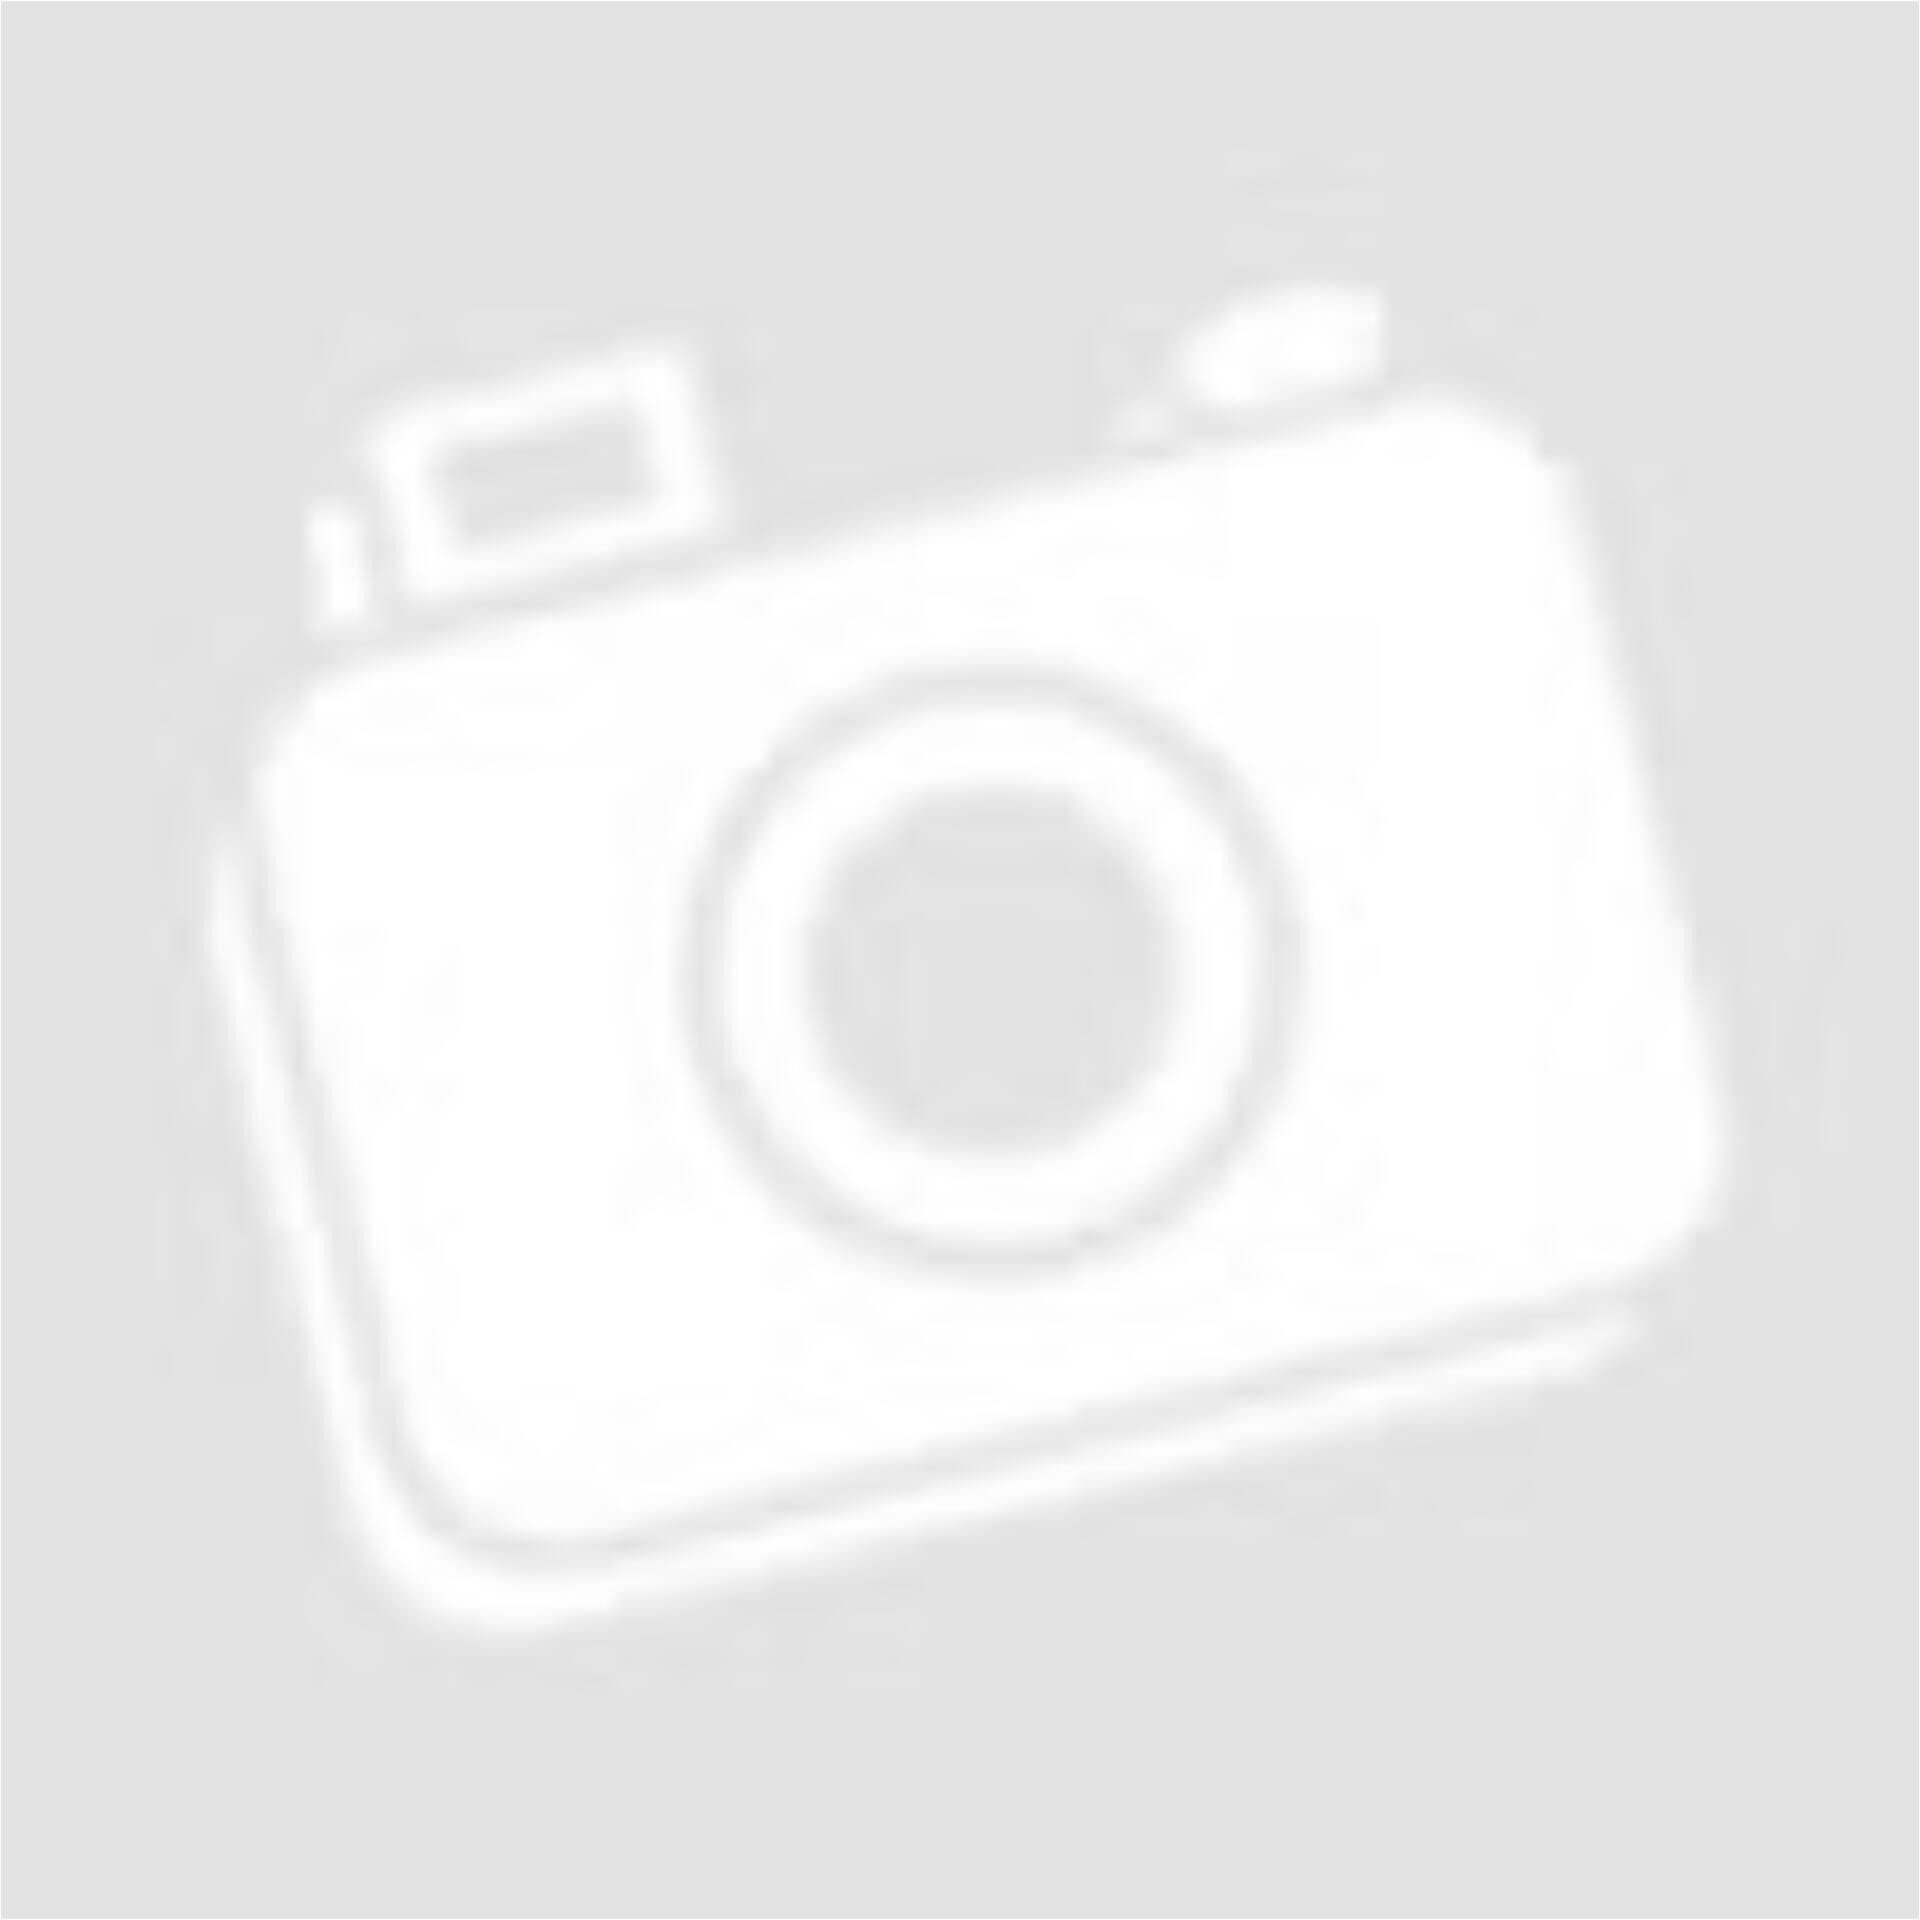 33a9580943c5 MISS ETAM korall rózsaszín boleró (Méret: XL) - Női pulóver ...